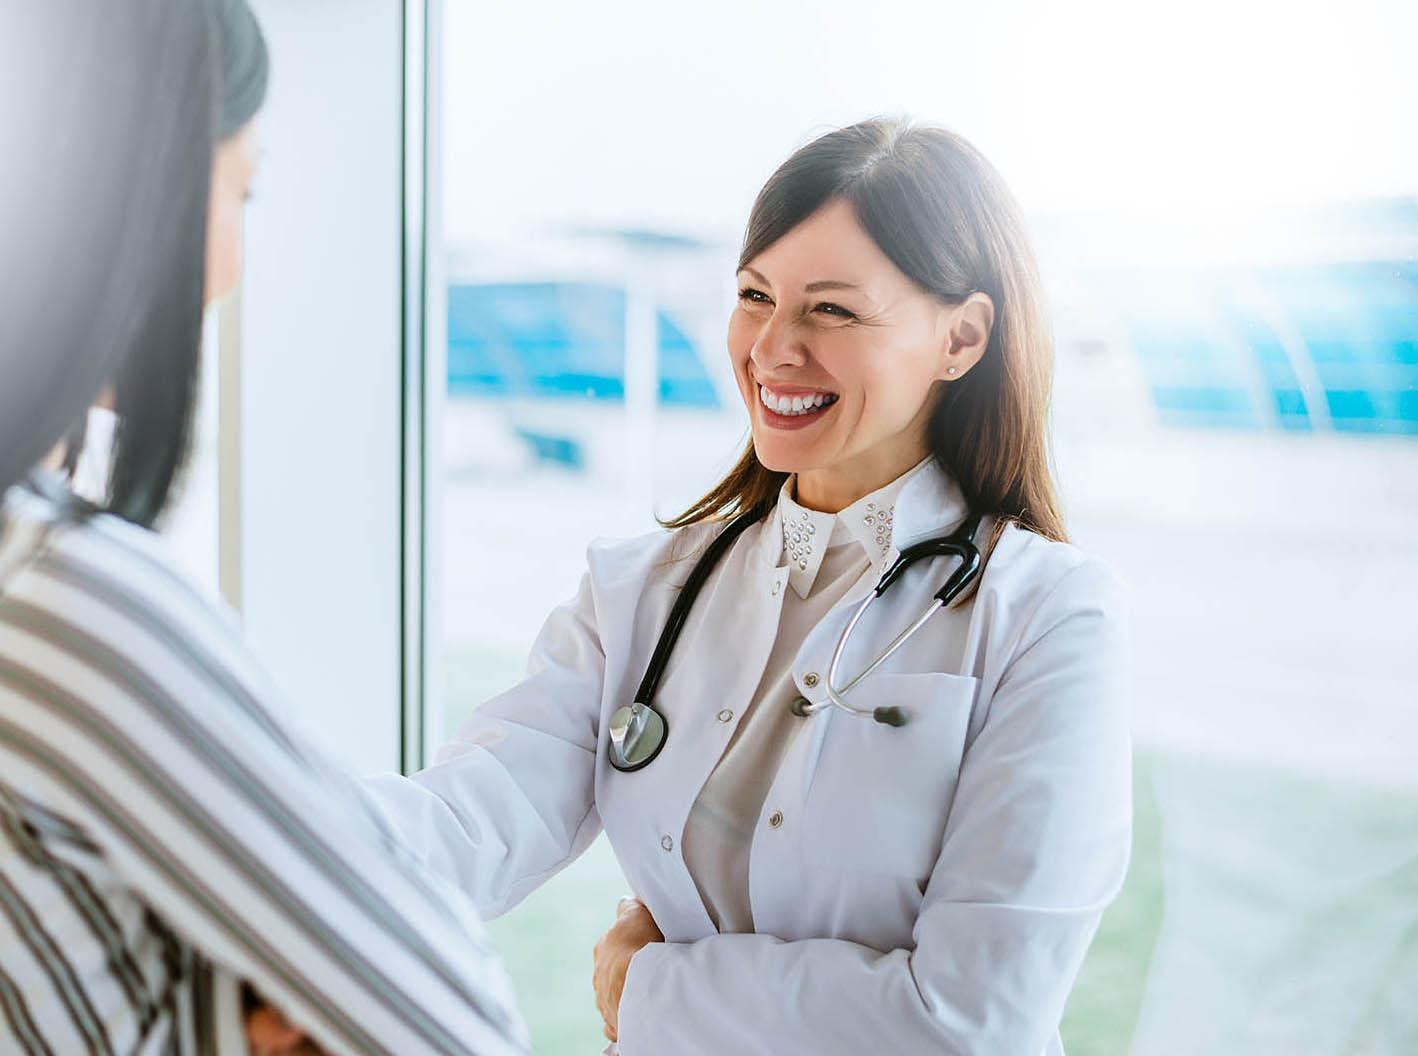 gestione visite specialistiche e agende medici